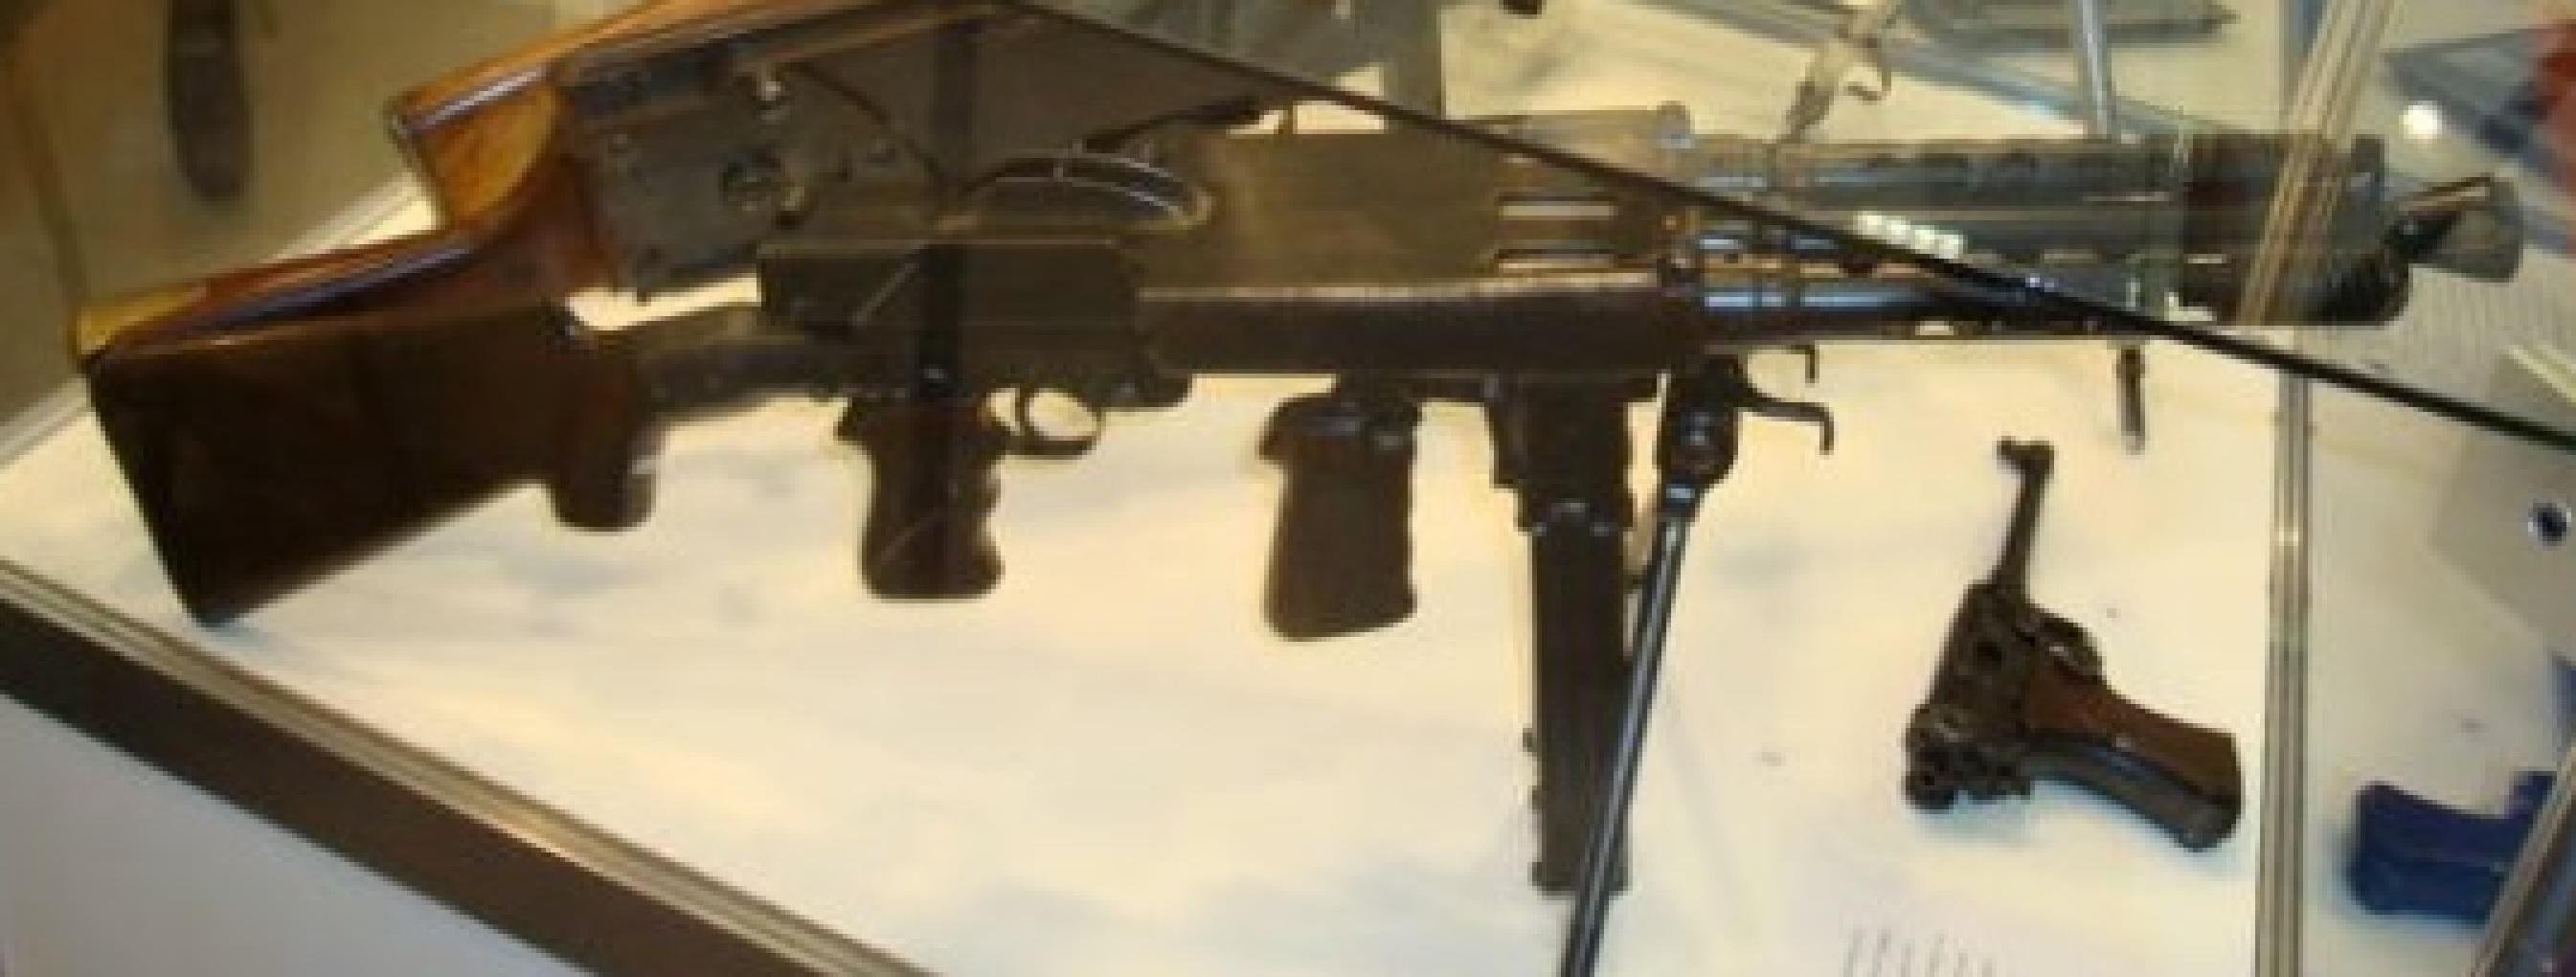 Spasov M1944 Trigun